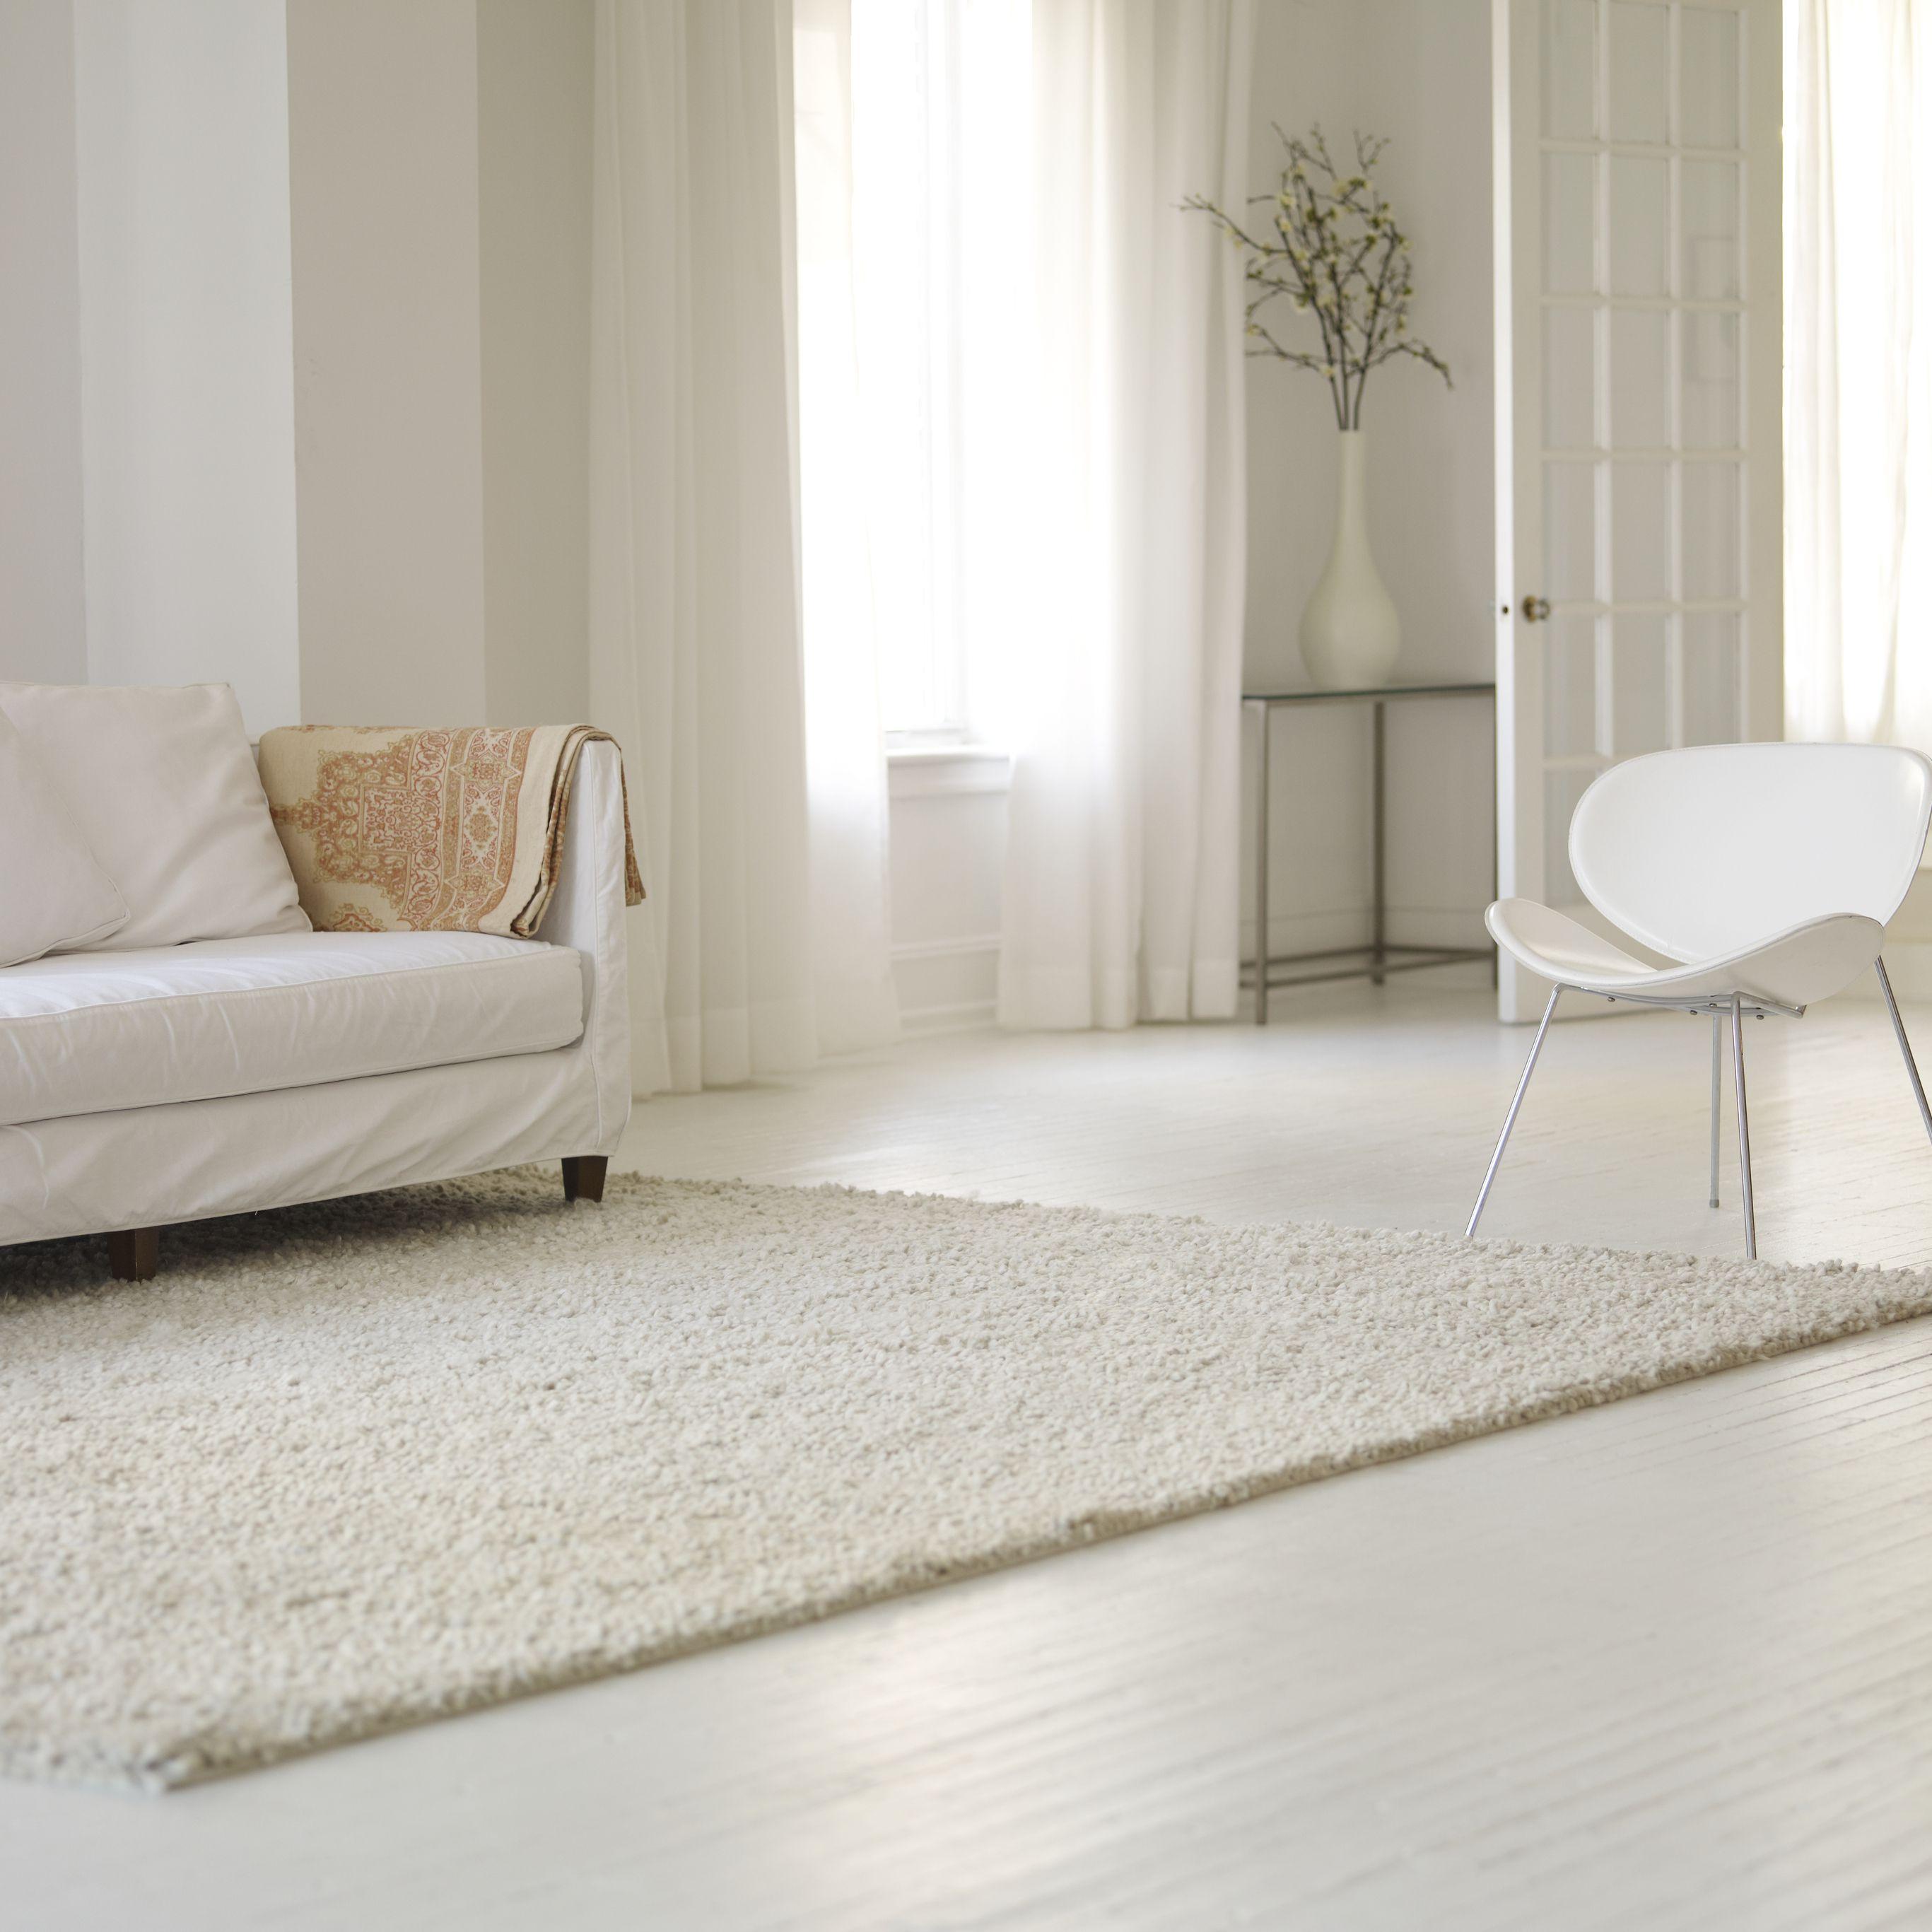 Sching Carpet Edges To Make A Rug